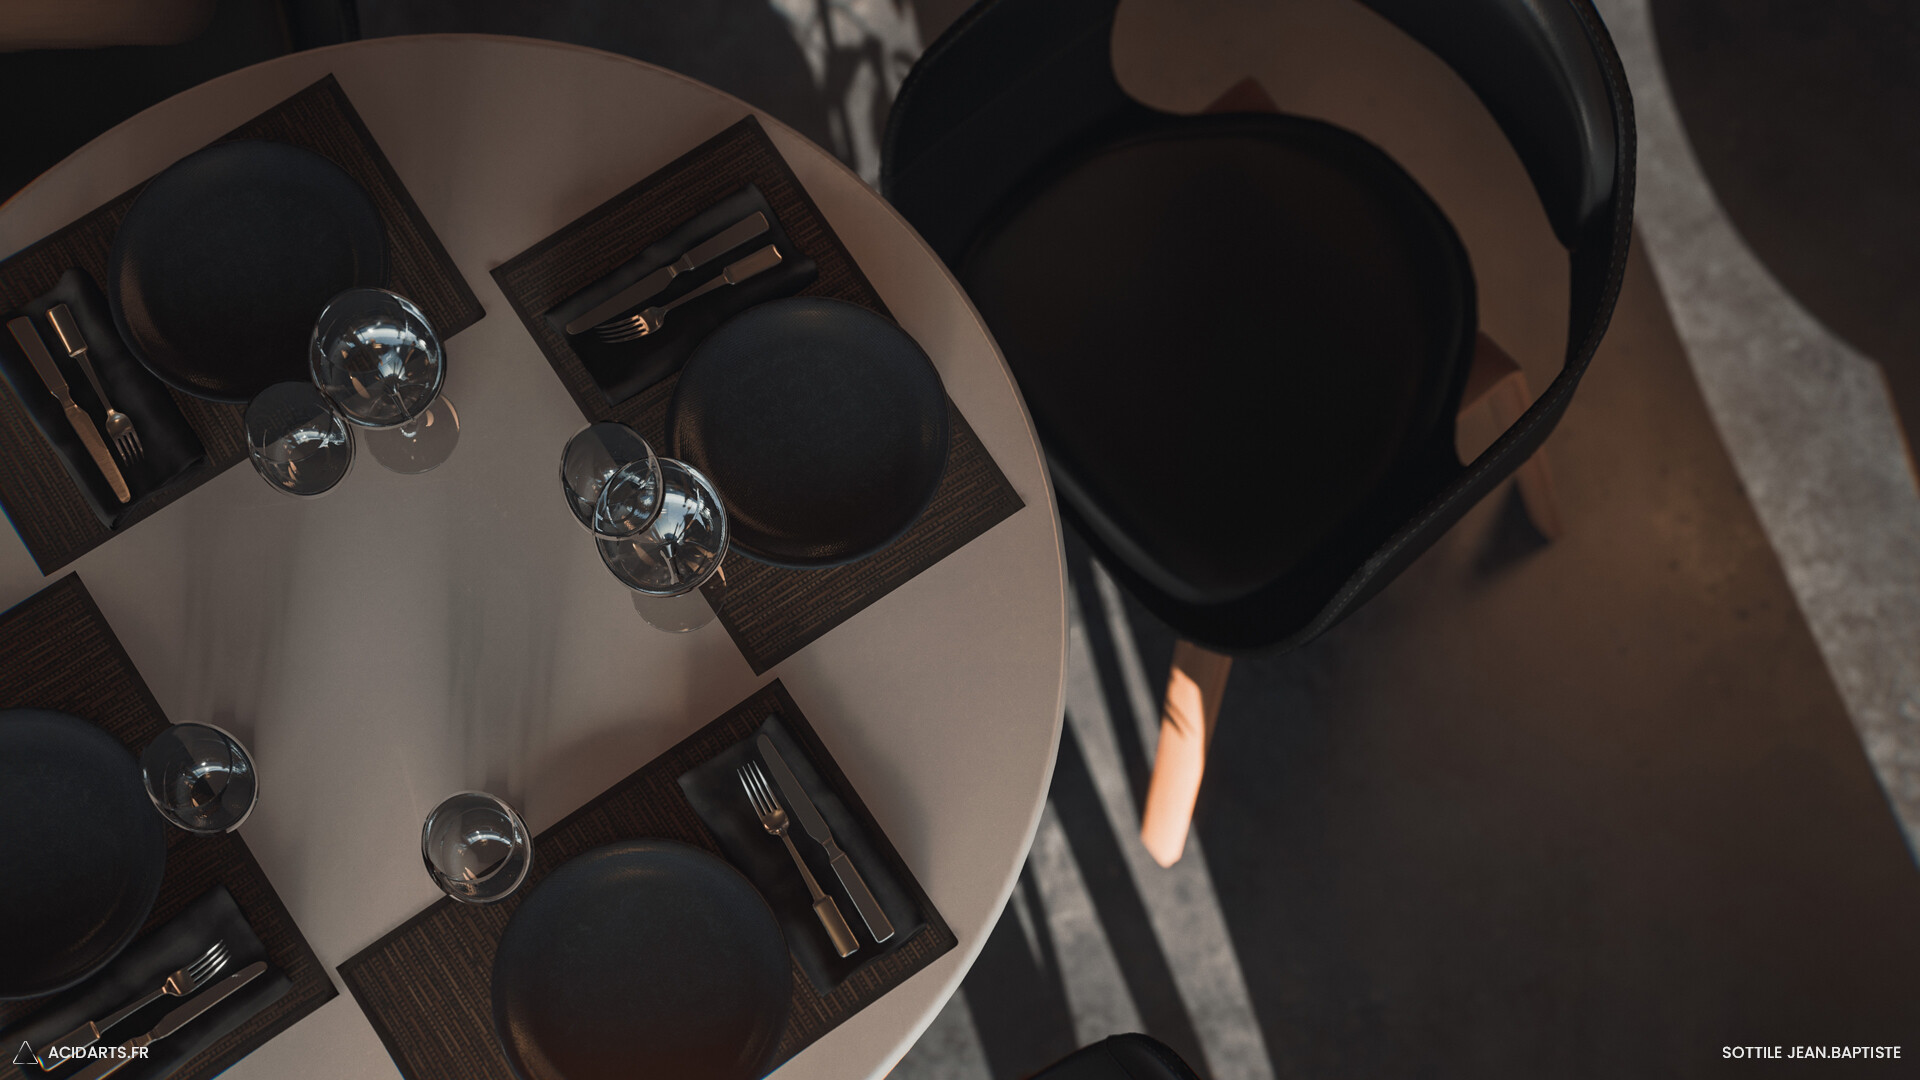 ArtStation - Modern Restaurant Realtime Rendering